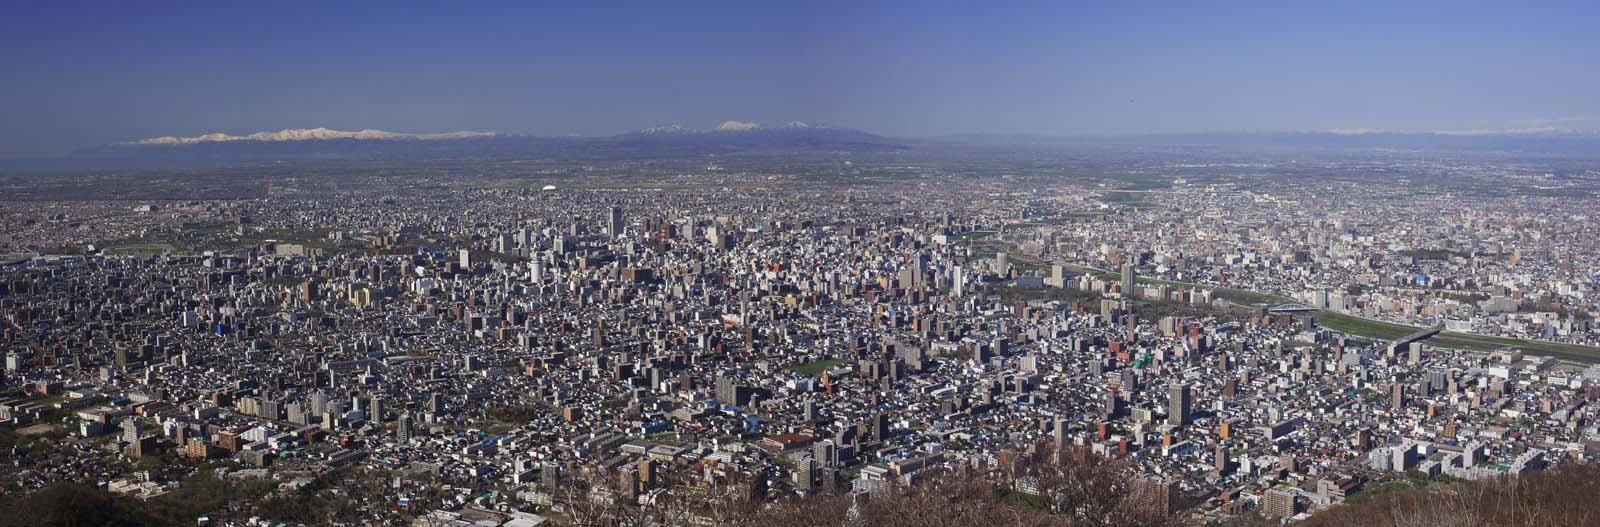 photo, la matière, libre, aménage, décrivez, photo de la réserve,Sapporo-shi balaient de l'oeil, Hokkaido, observatoire, région de ville, ciel bleu